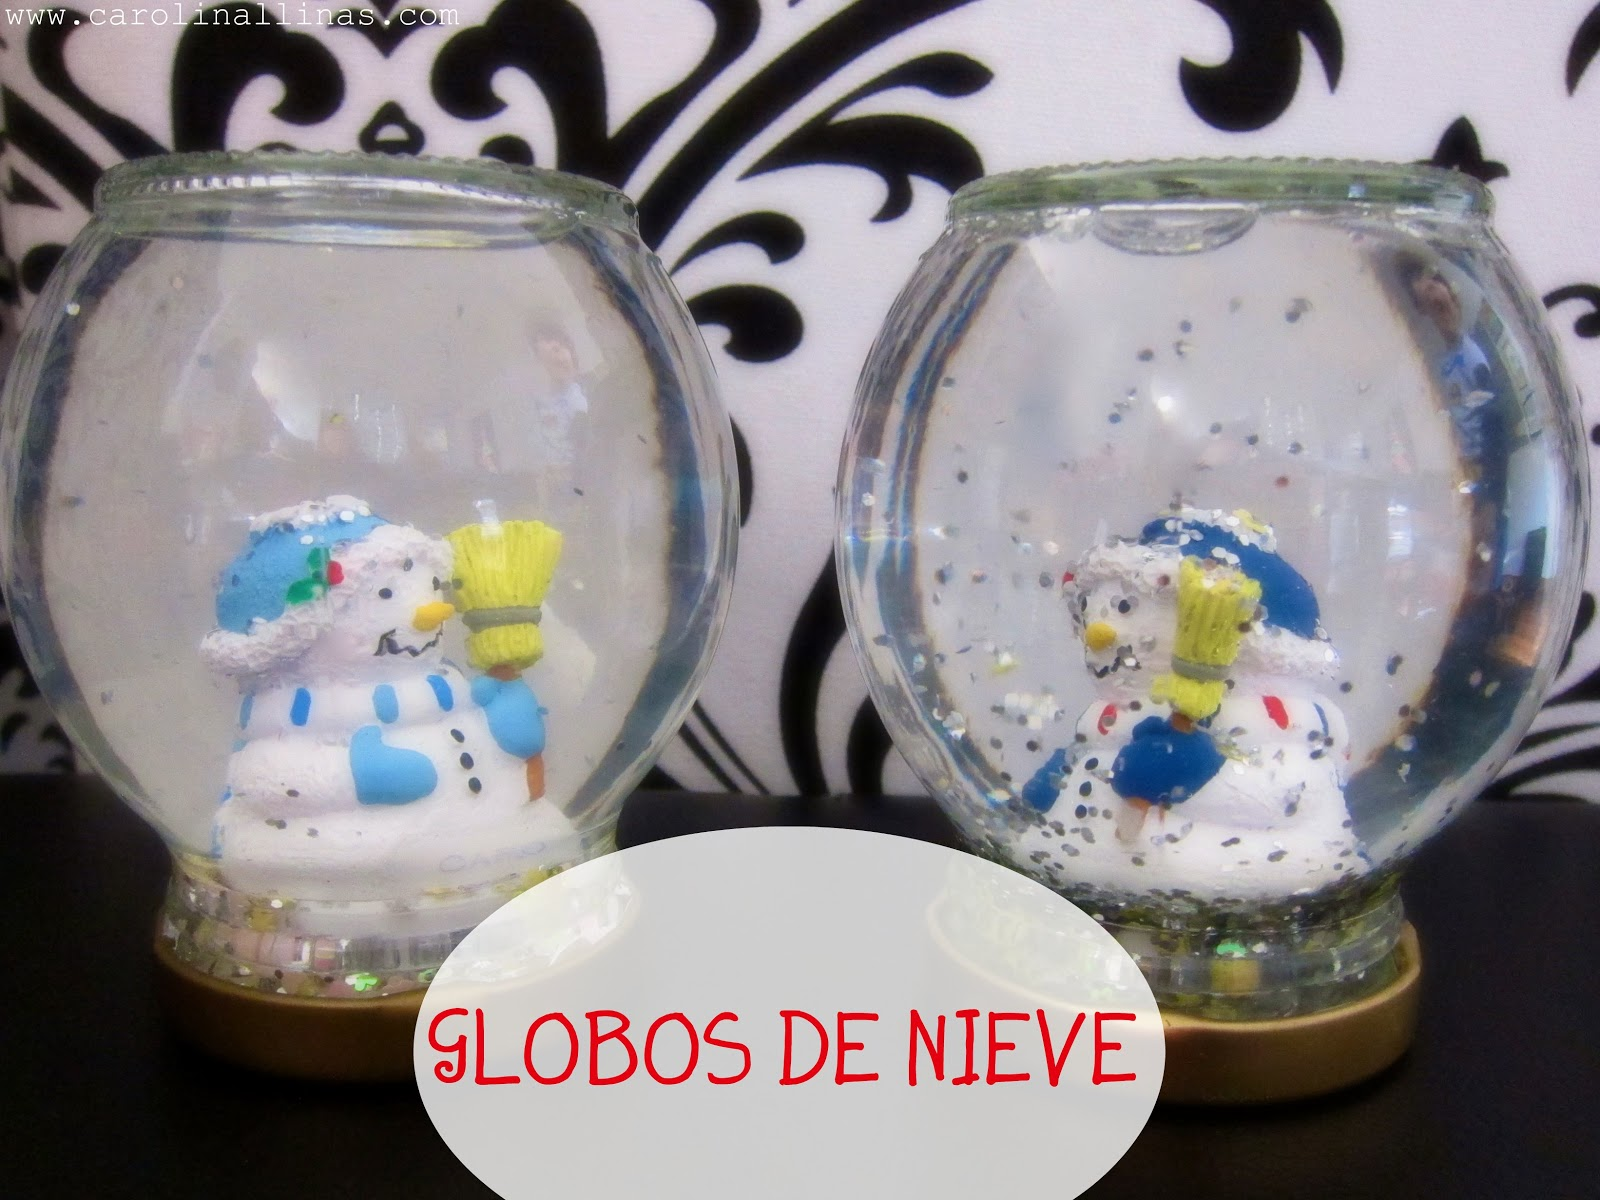 Artividades globos de nieve - Como hacer bolas de nieve ...